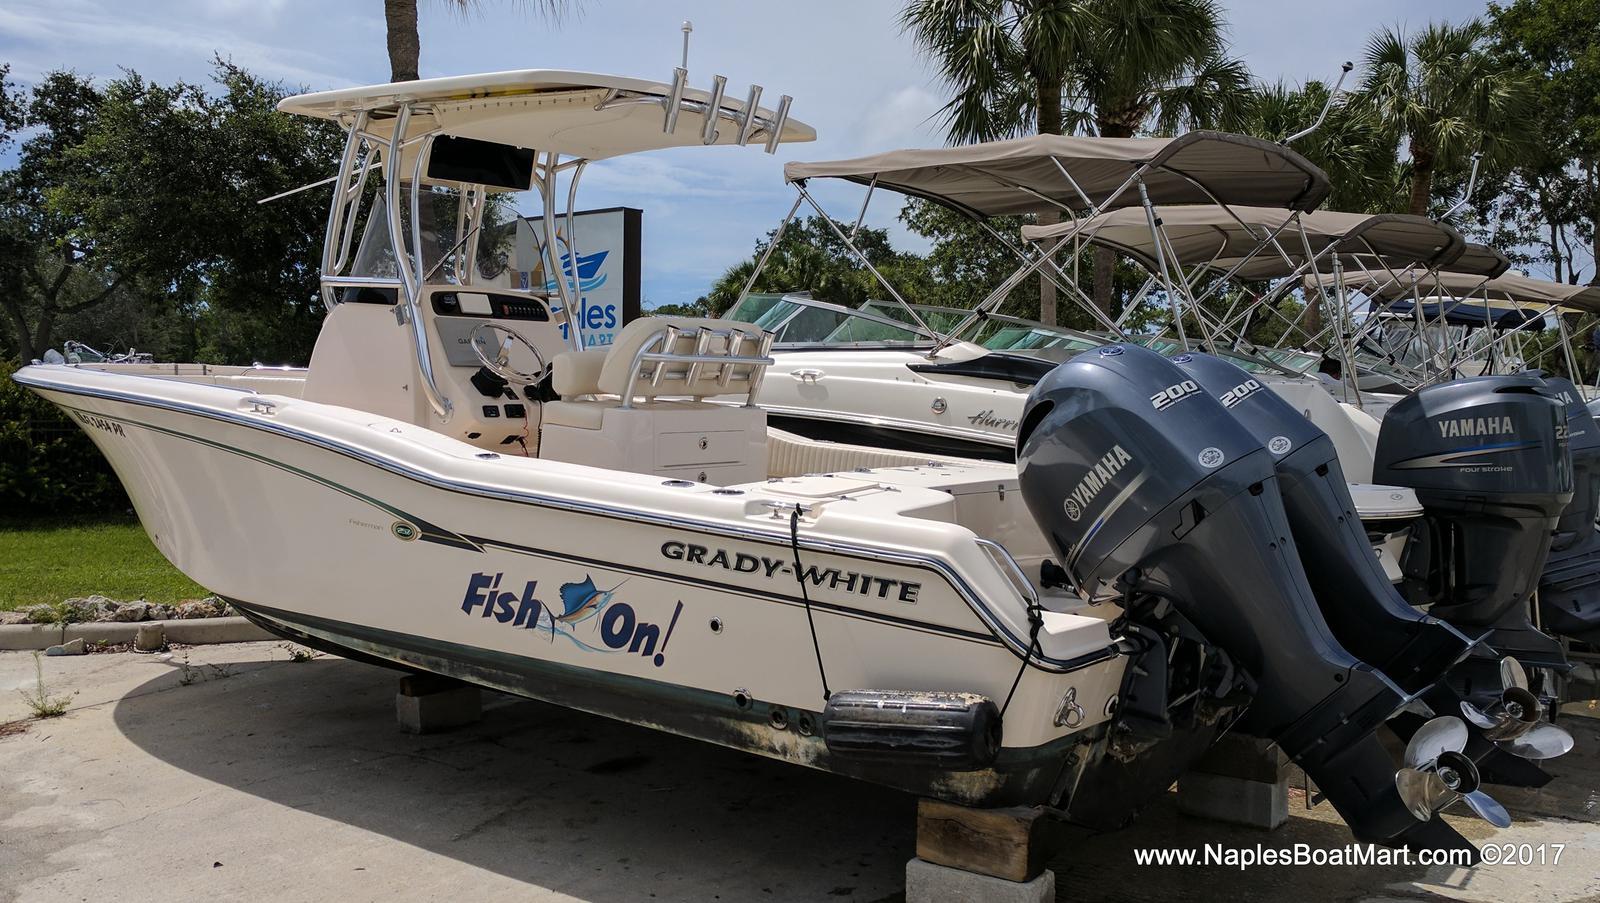 2014 Grady-White Fisherman 257